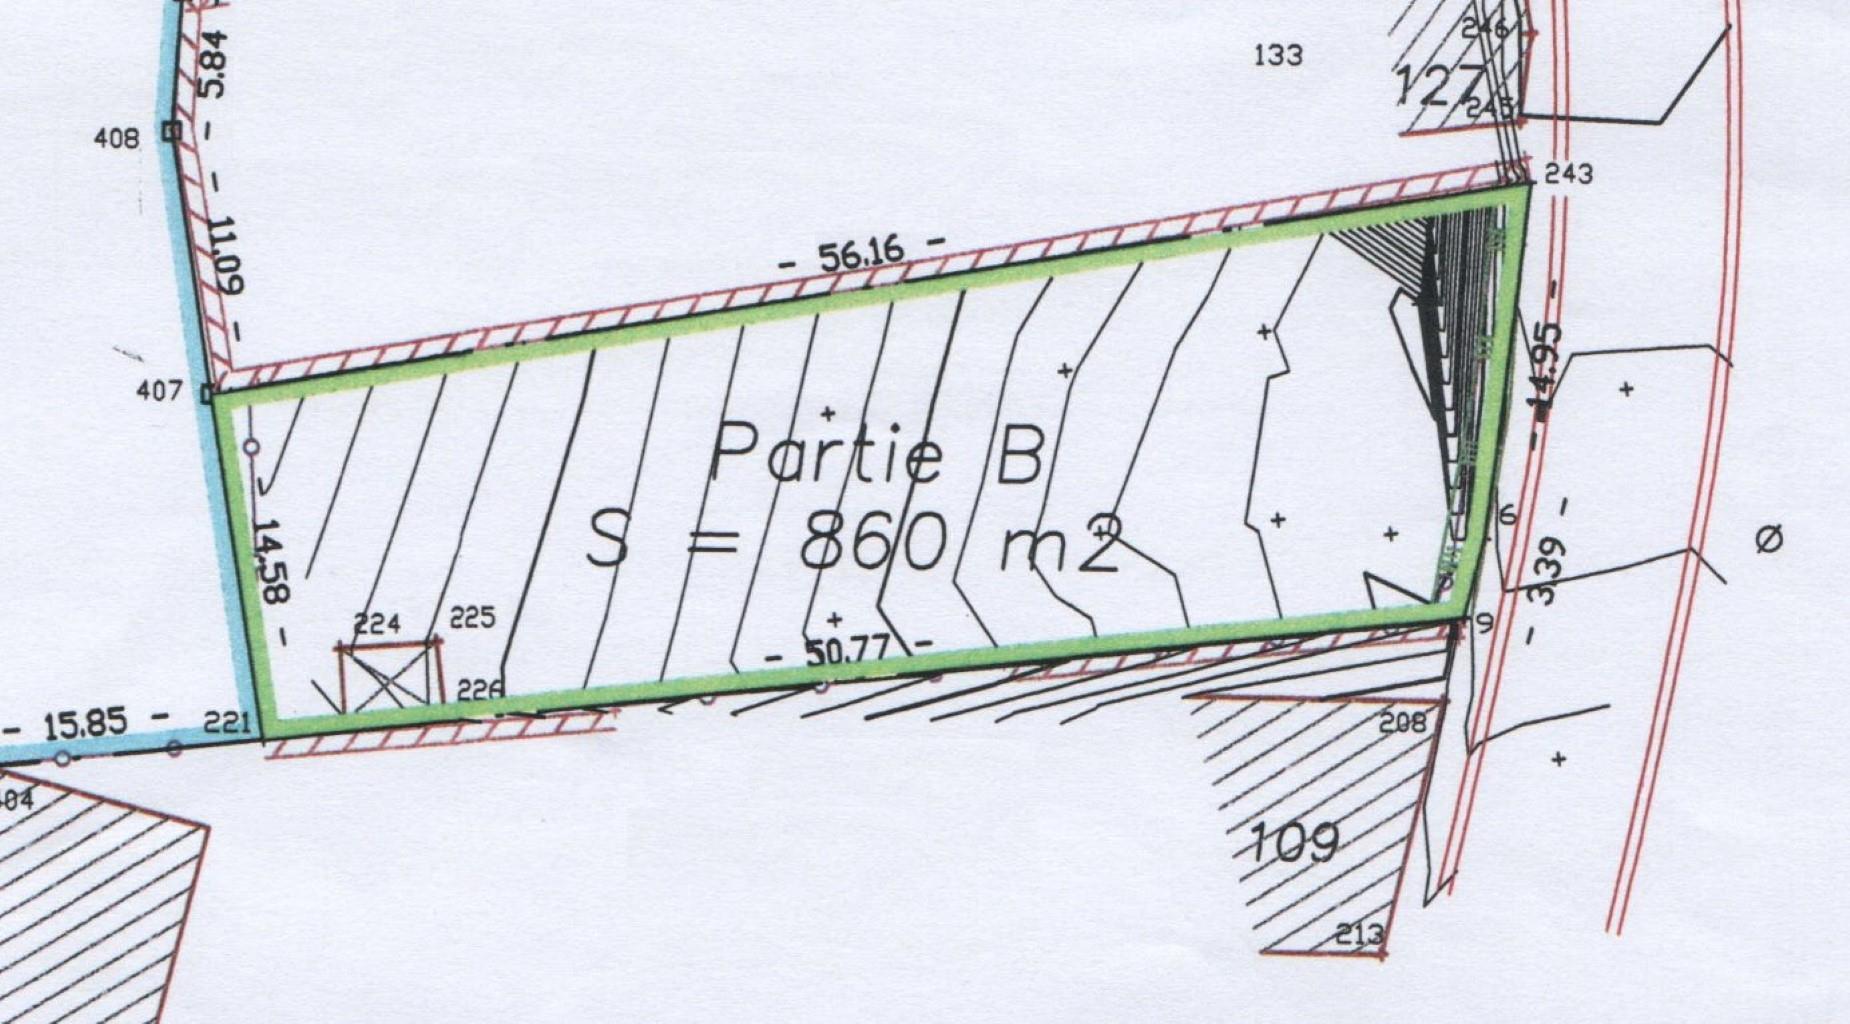 Terrain à bâtir - Anderlues - #2173123-2